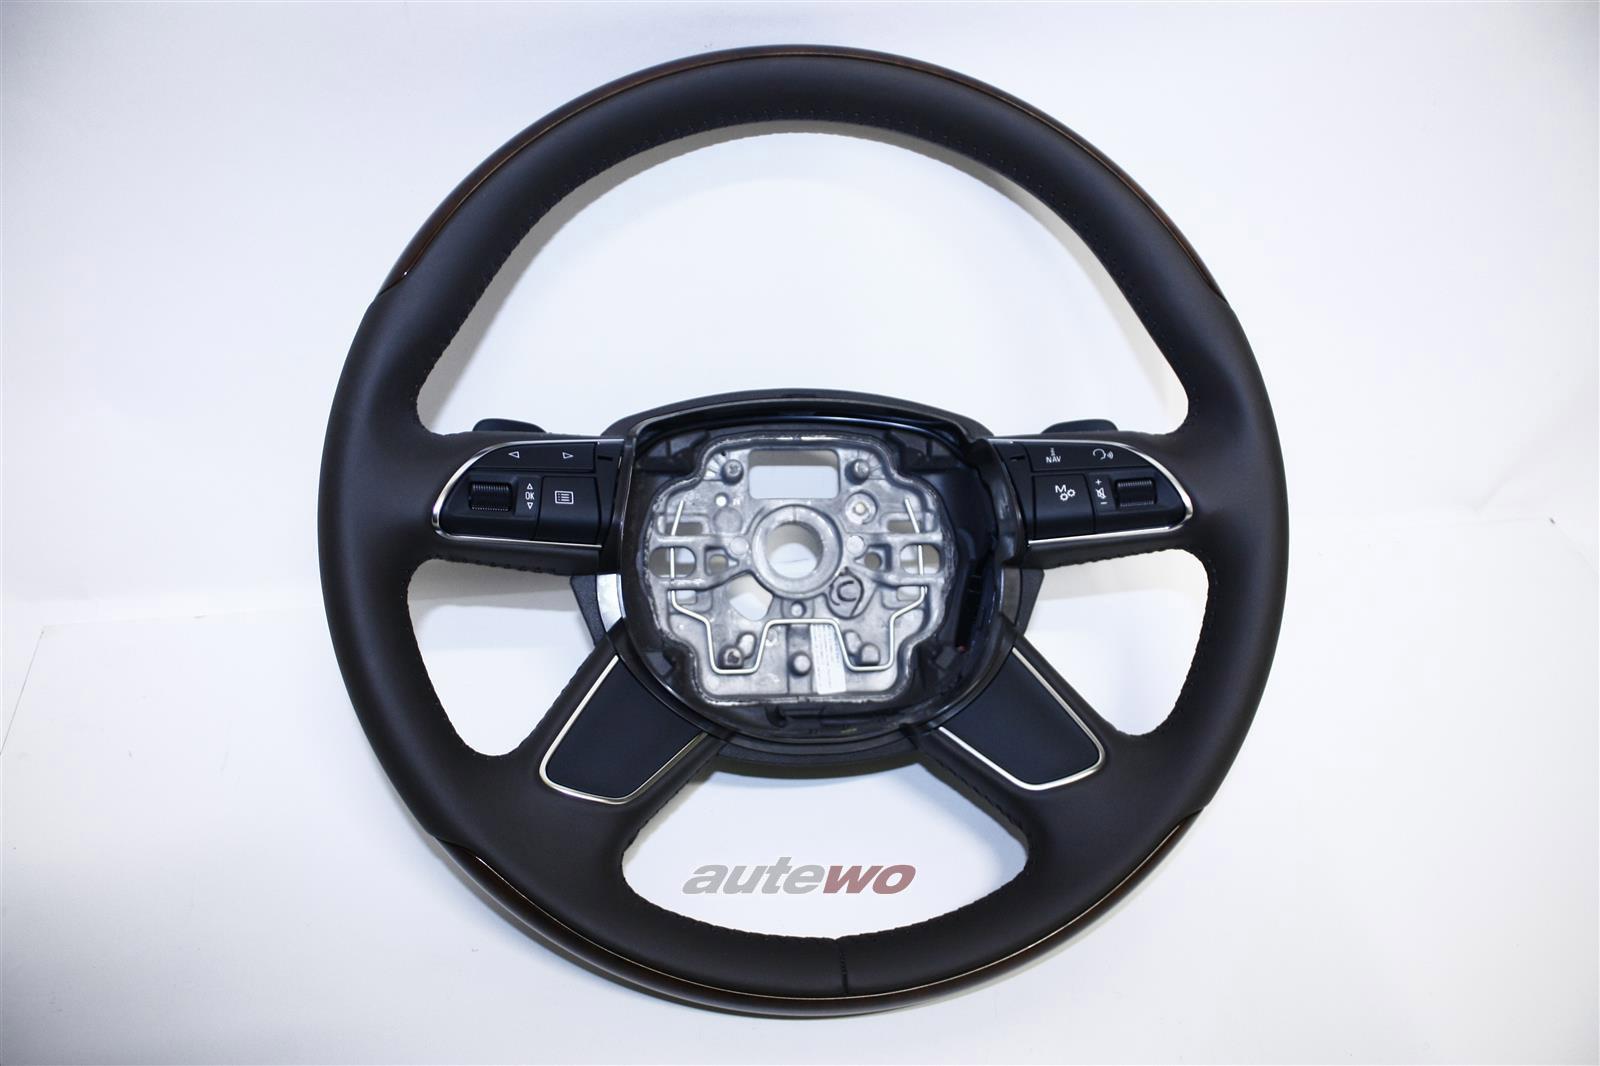 4H0419091N NEU Audi A8 D4 Leder-Lenkrad Nussbaum-Wurzelholz DEM moorbraun